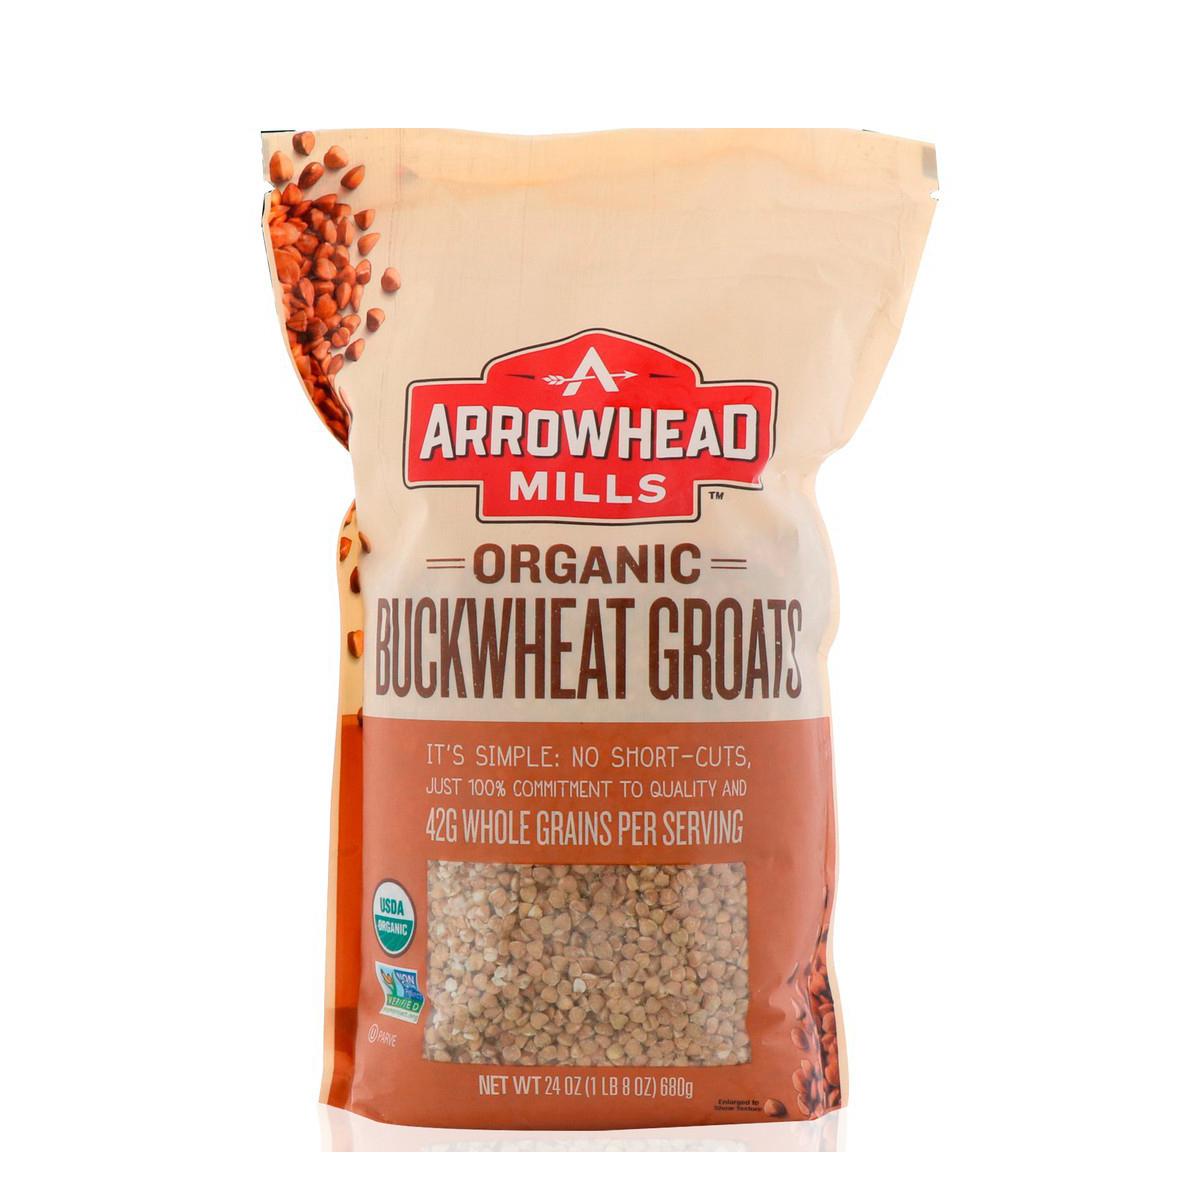 Hạt Buckwheat Groats hữu cơ